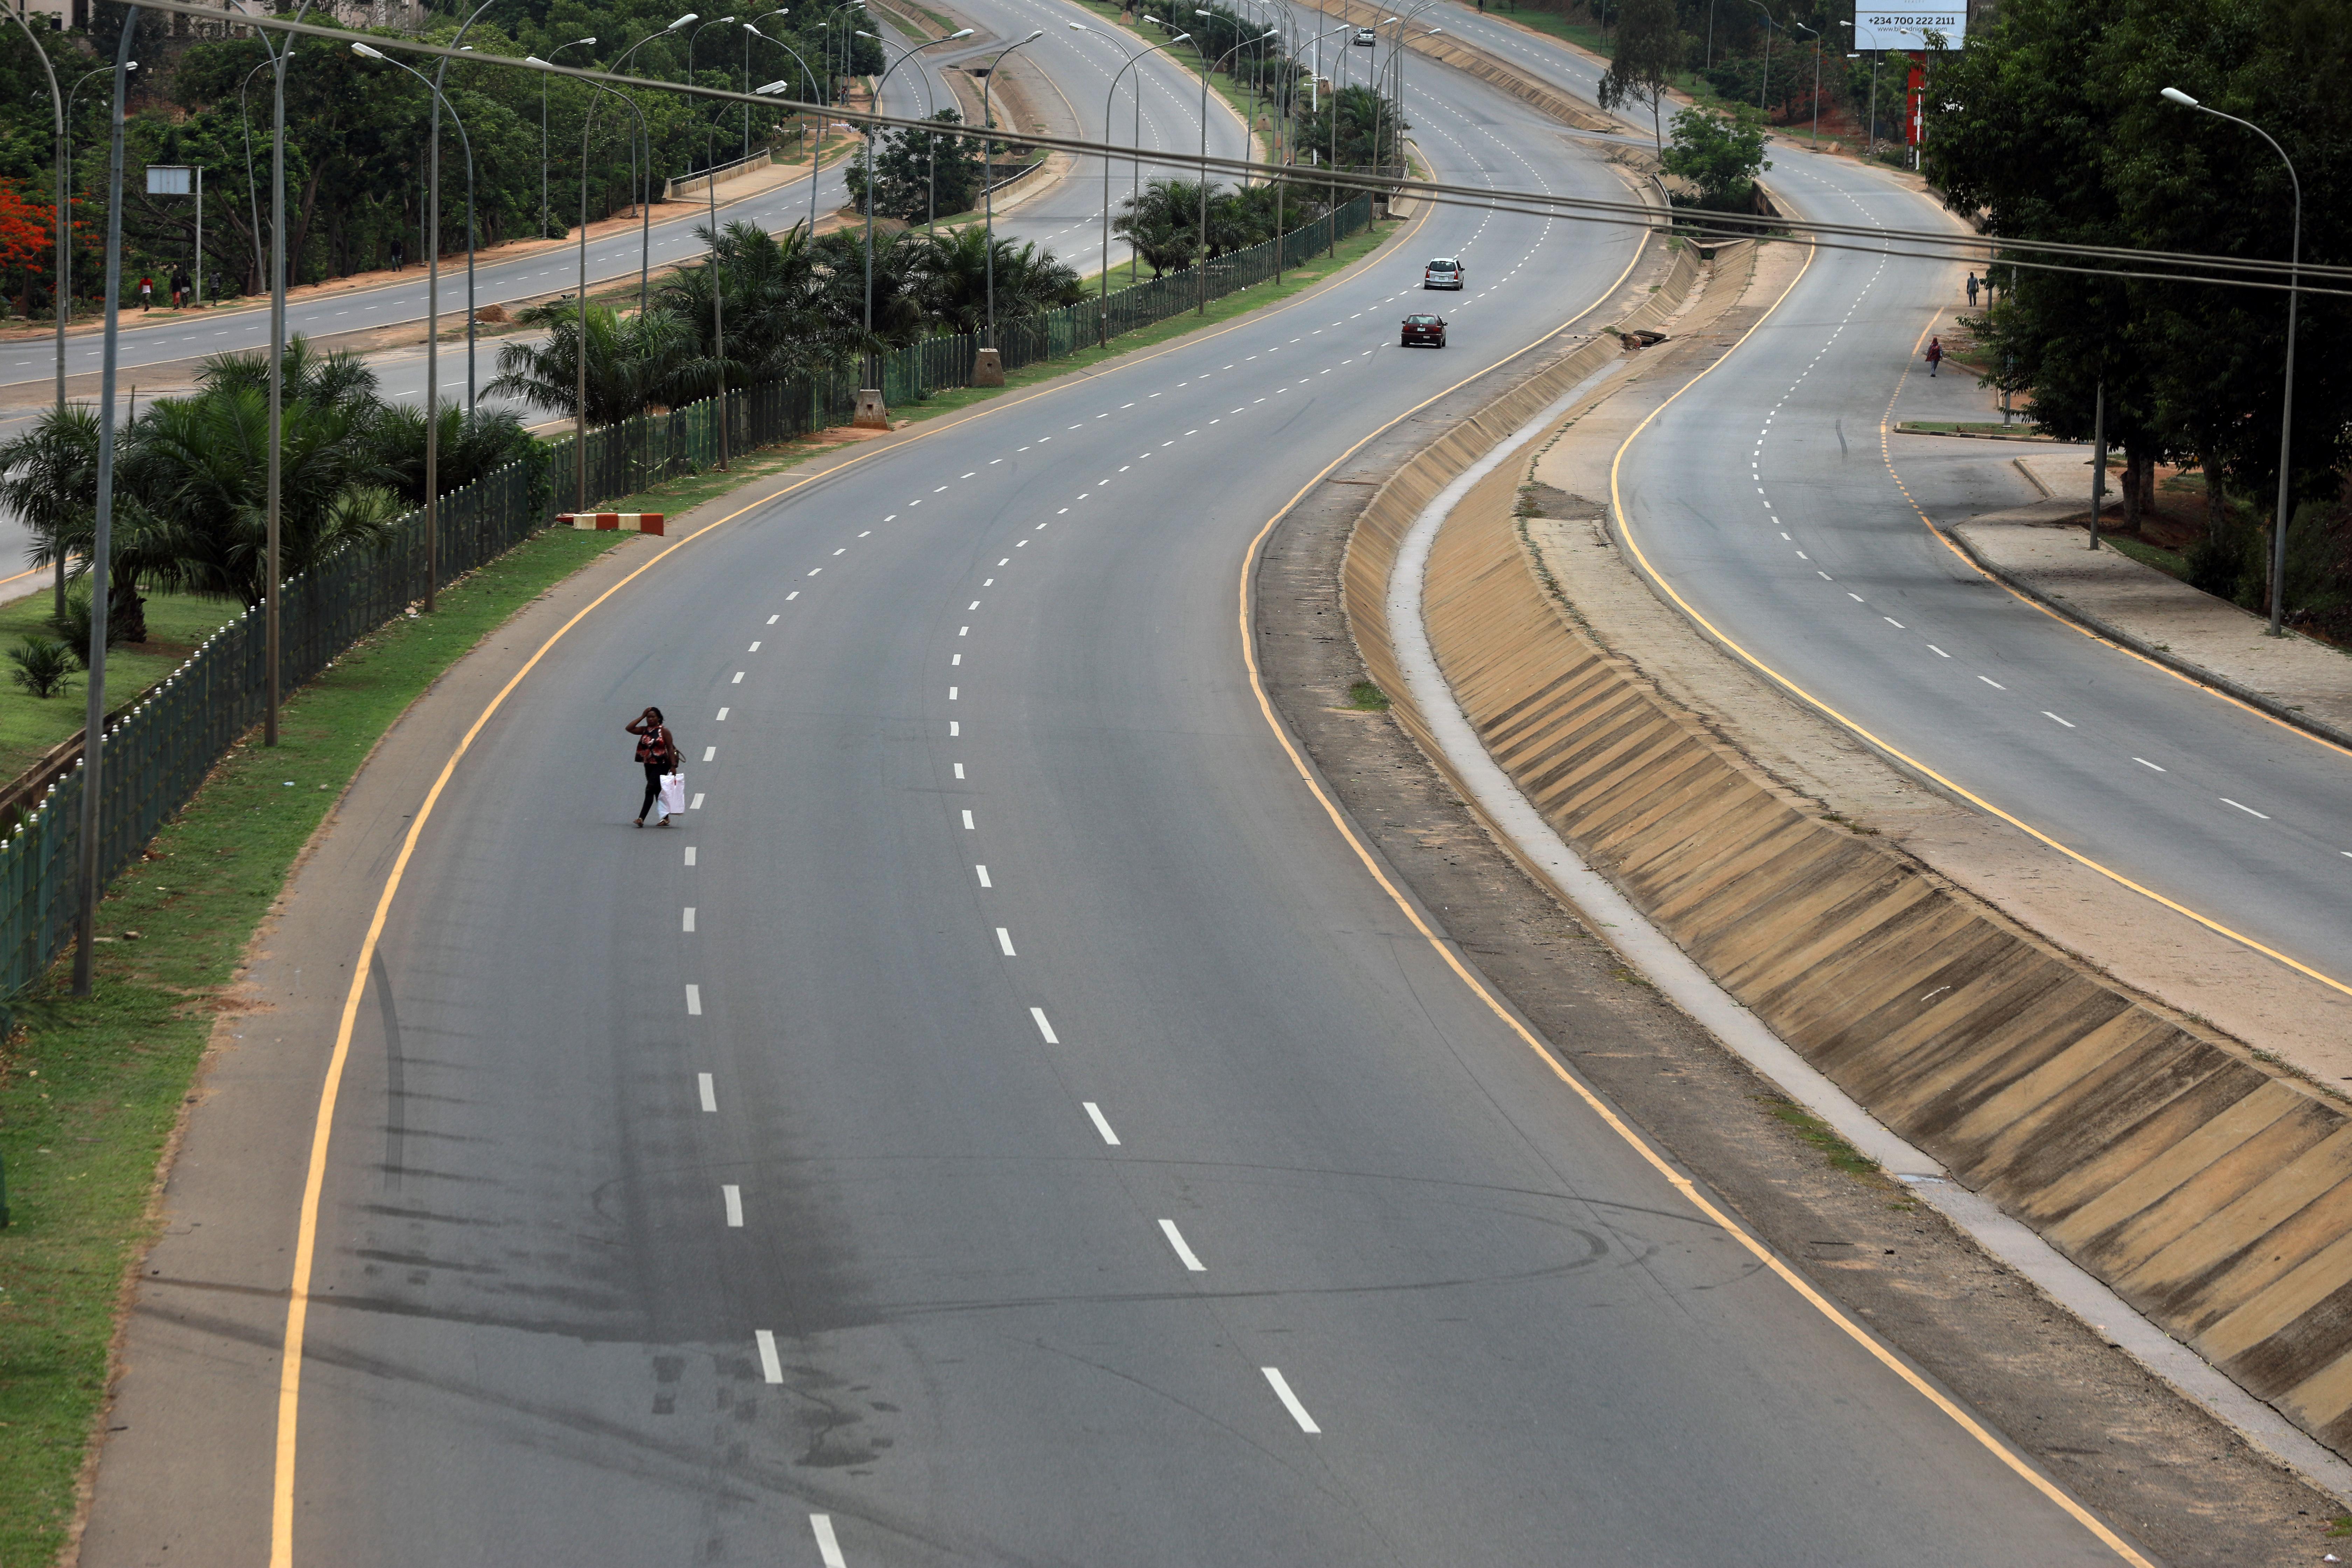 AHORA - Una mujer cruza una calle desierta en Abuja, Nigeria (REUTERS/Afolabi Sotunde)